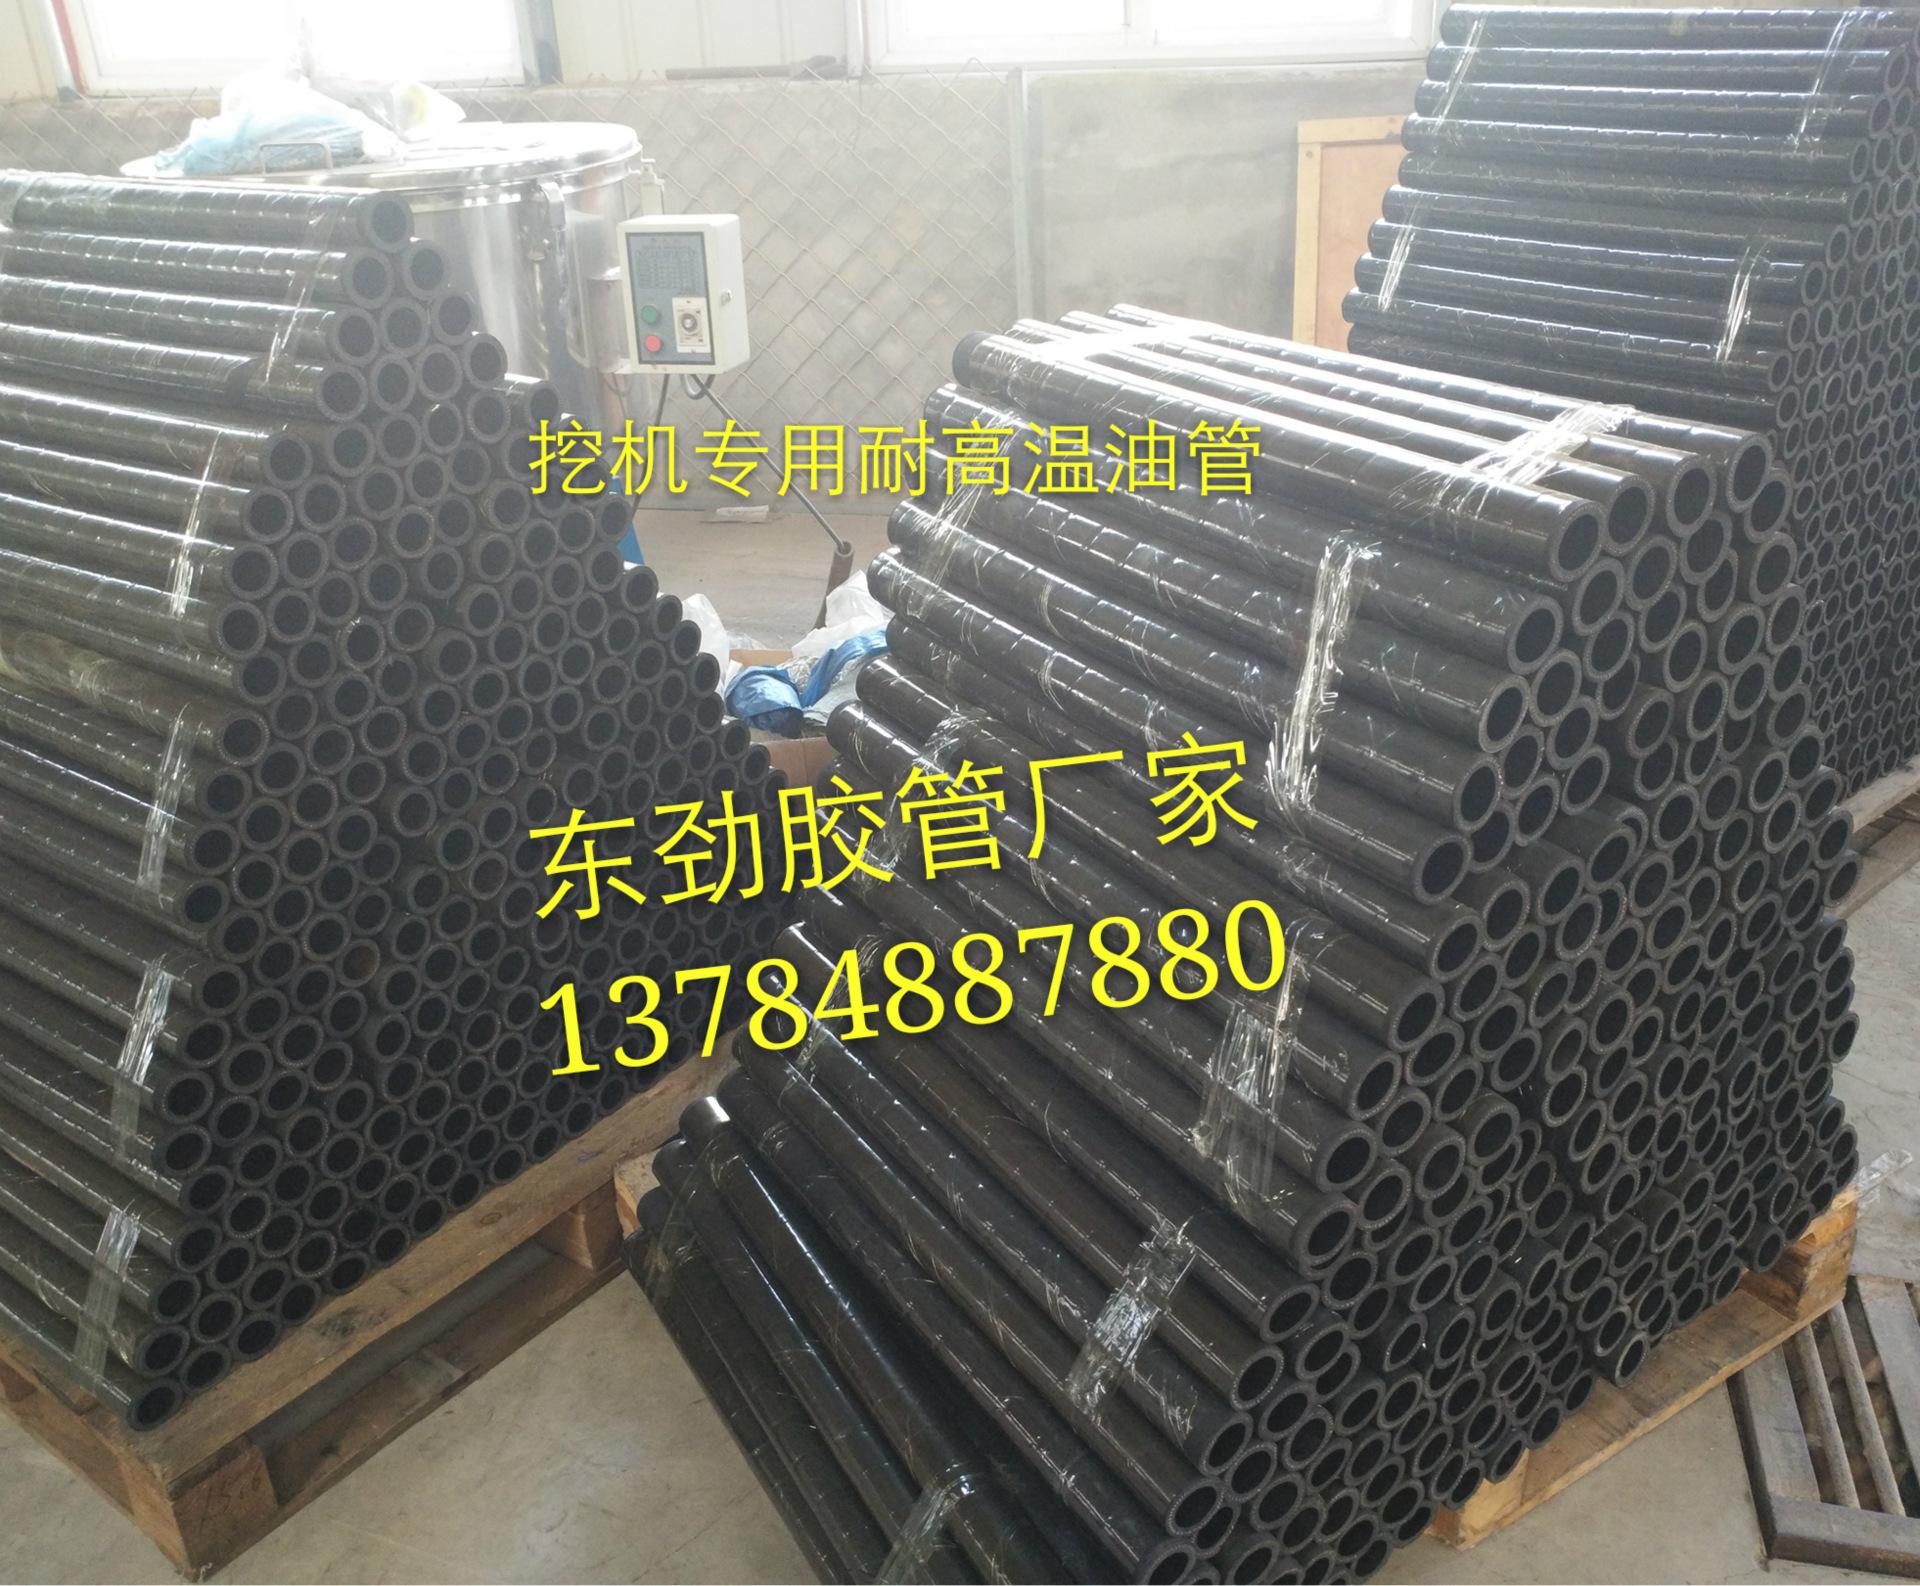 高温油管厂批挖掘机专用高温油管@沈阳高温油管